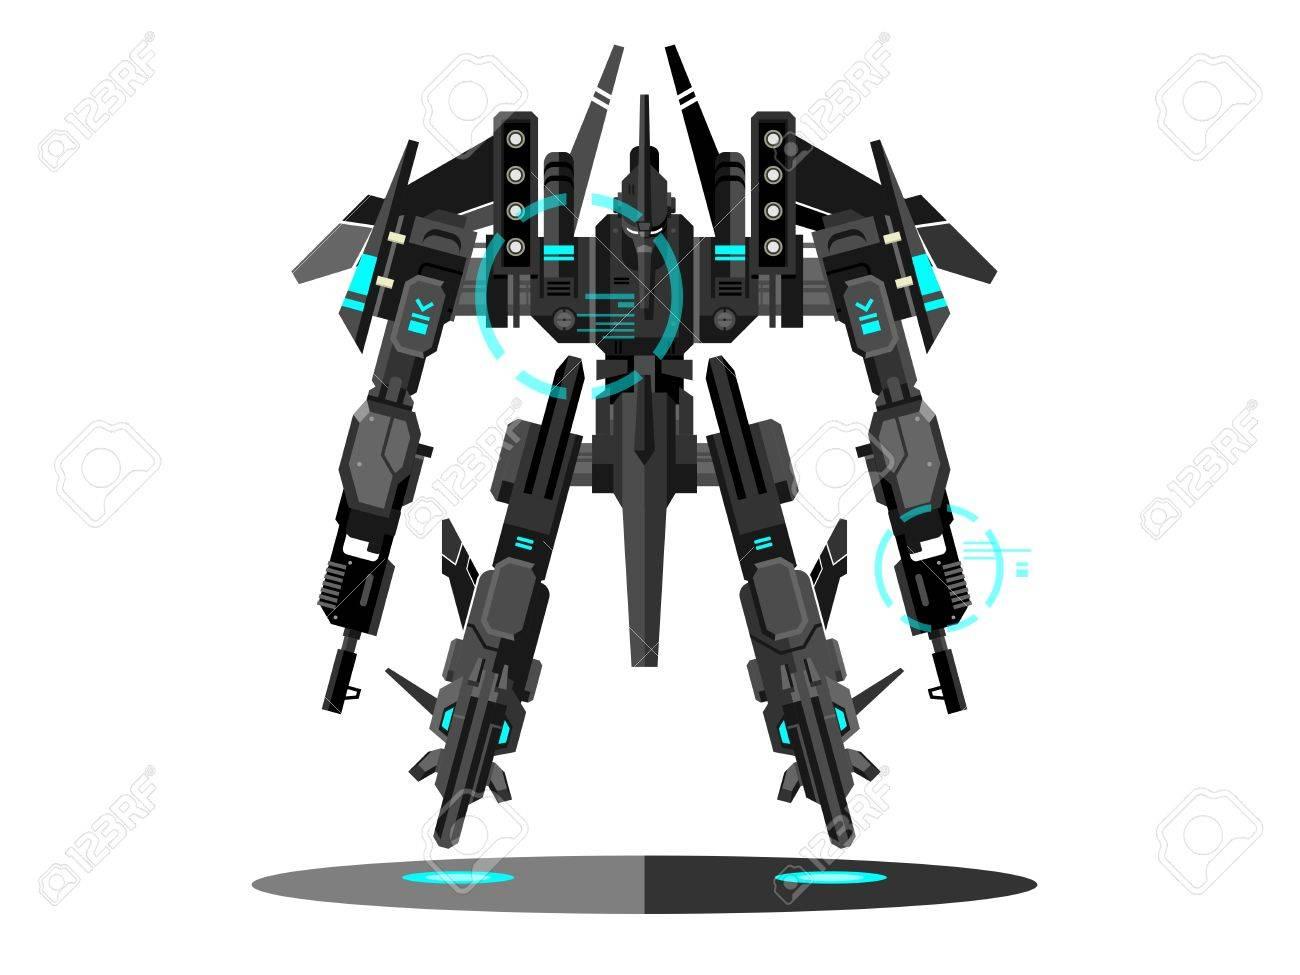 картинки роботов трансформеров